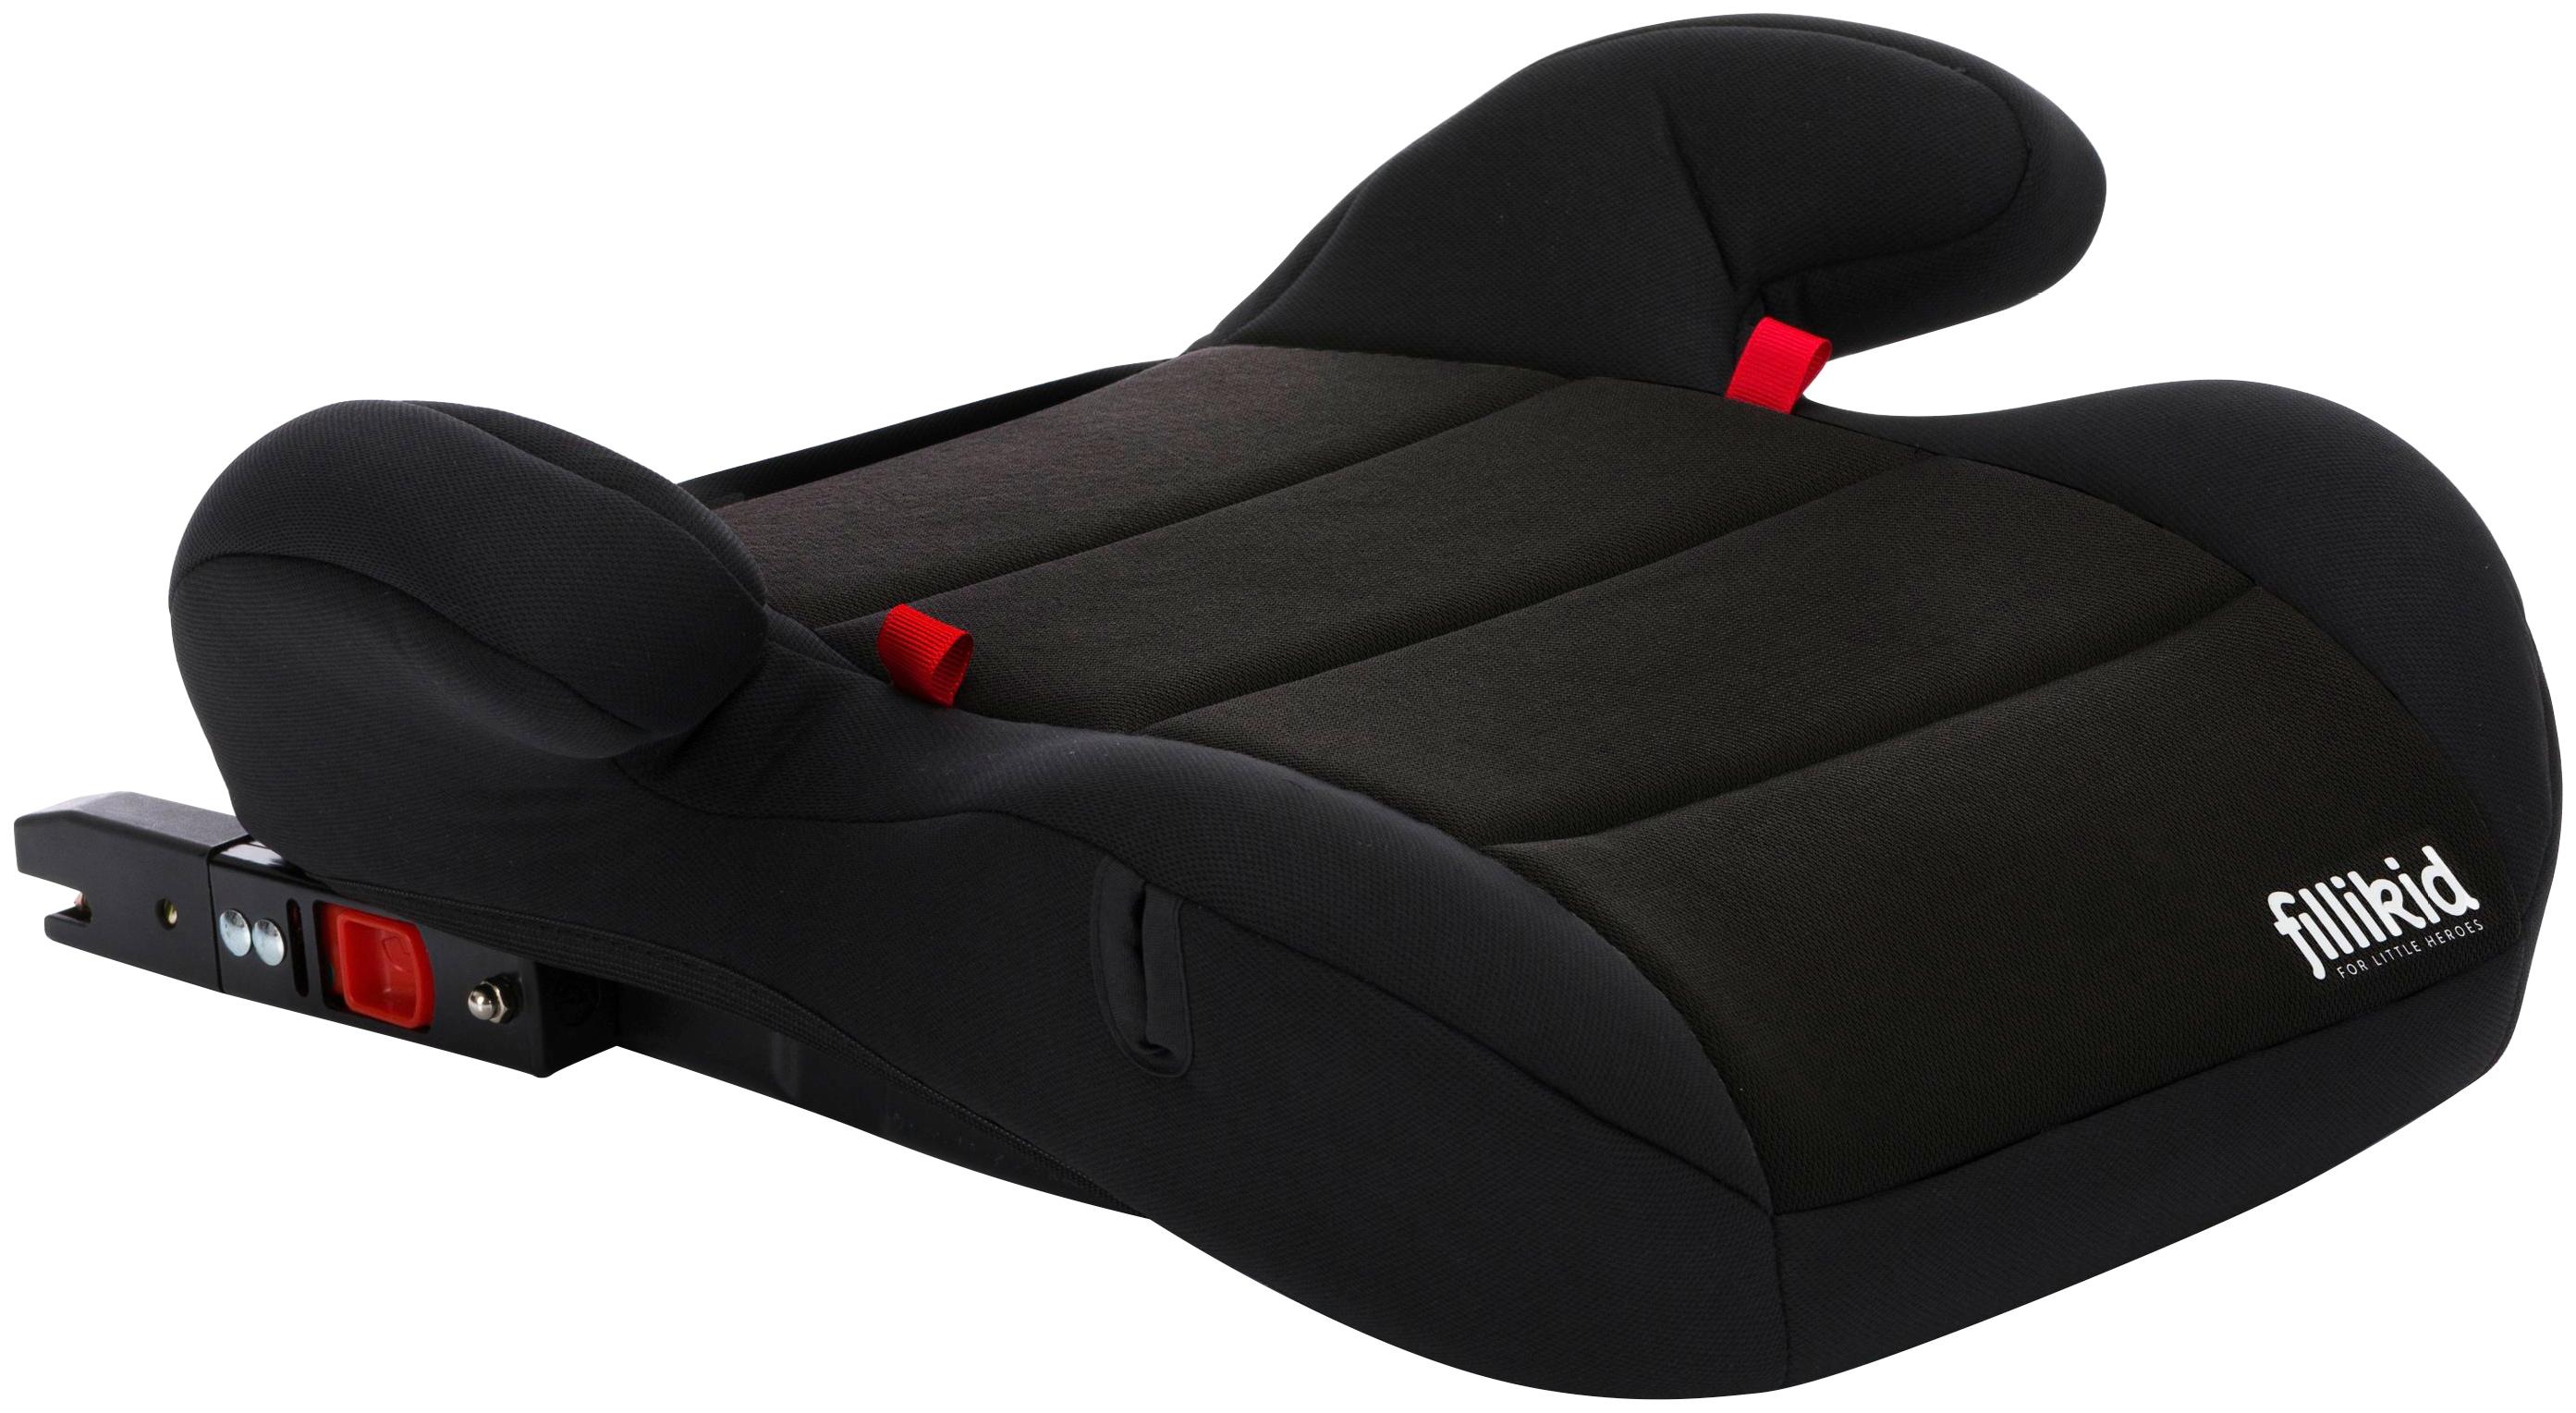 Fillikid Kindersitzerhöhung, Klasse III (22-36 kg), ab 6 Jahre, kg) schwarz Kinder Kindersitzerhöhung Autokindersitze Autositze Zubehör